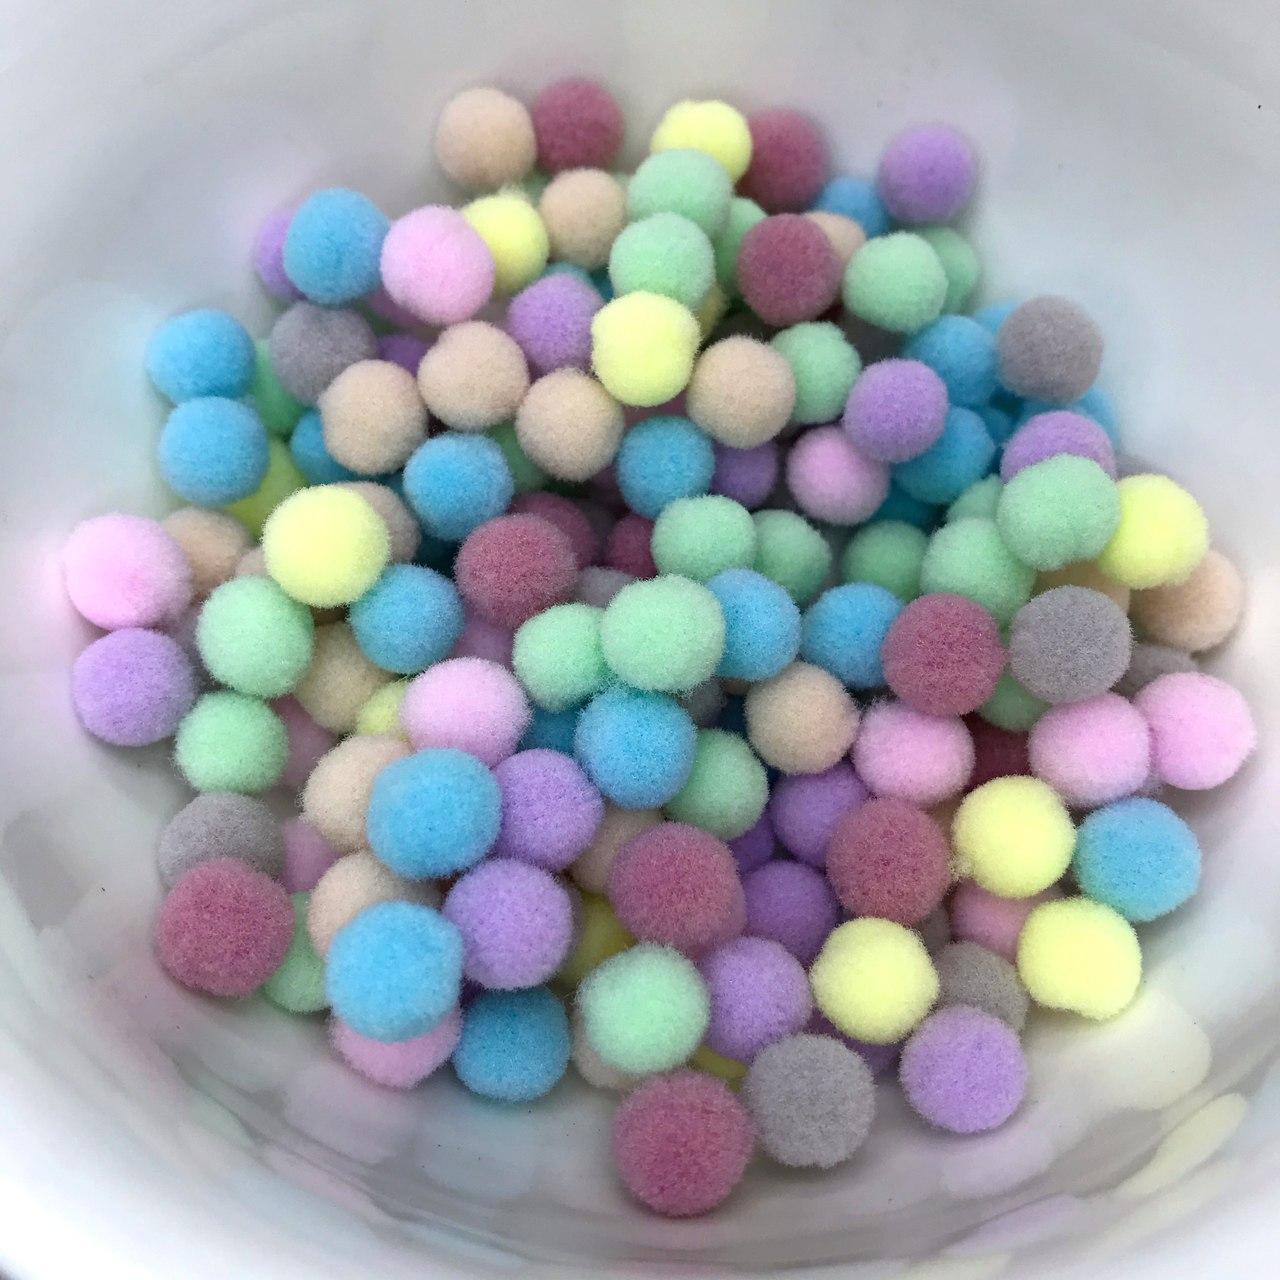 pompom bola de fio sintético 1cm candy colors 100 unidades